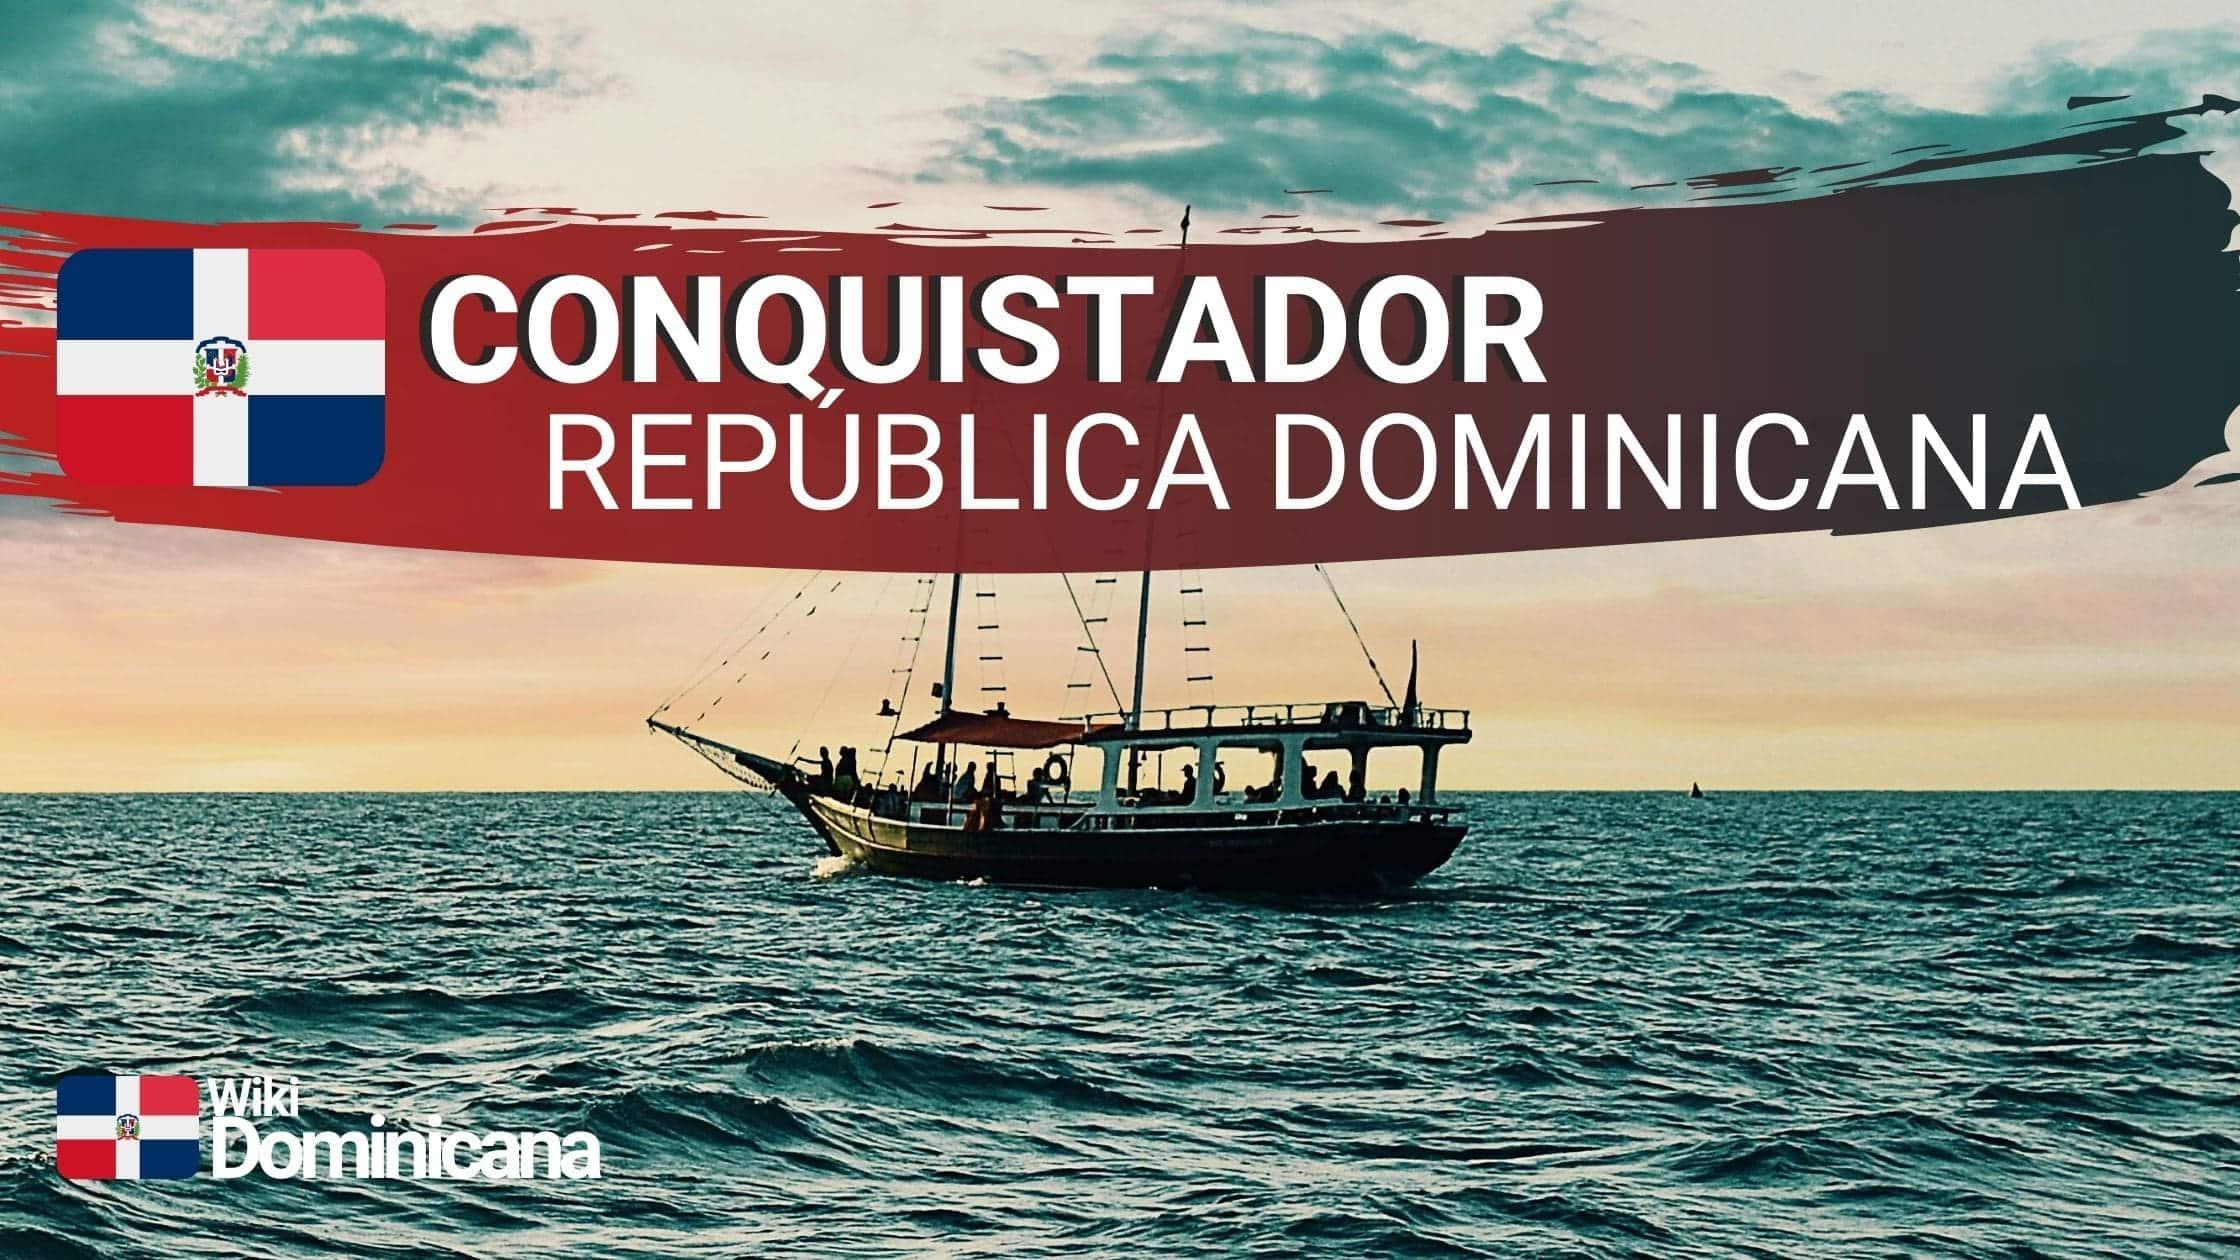 quien conquisto republica dominicana